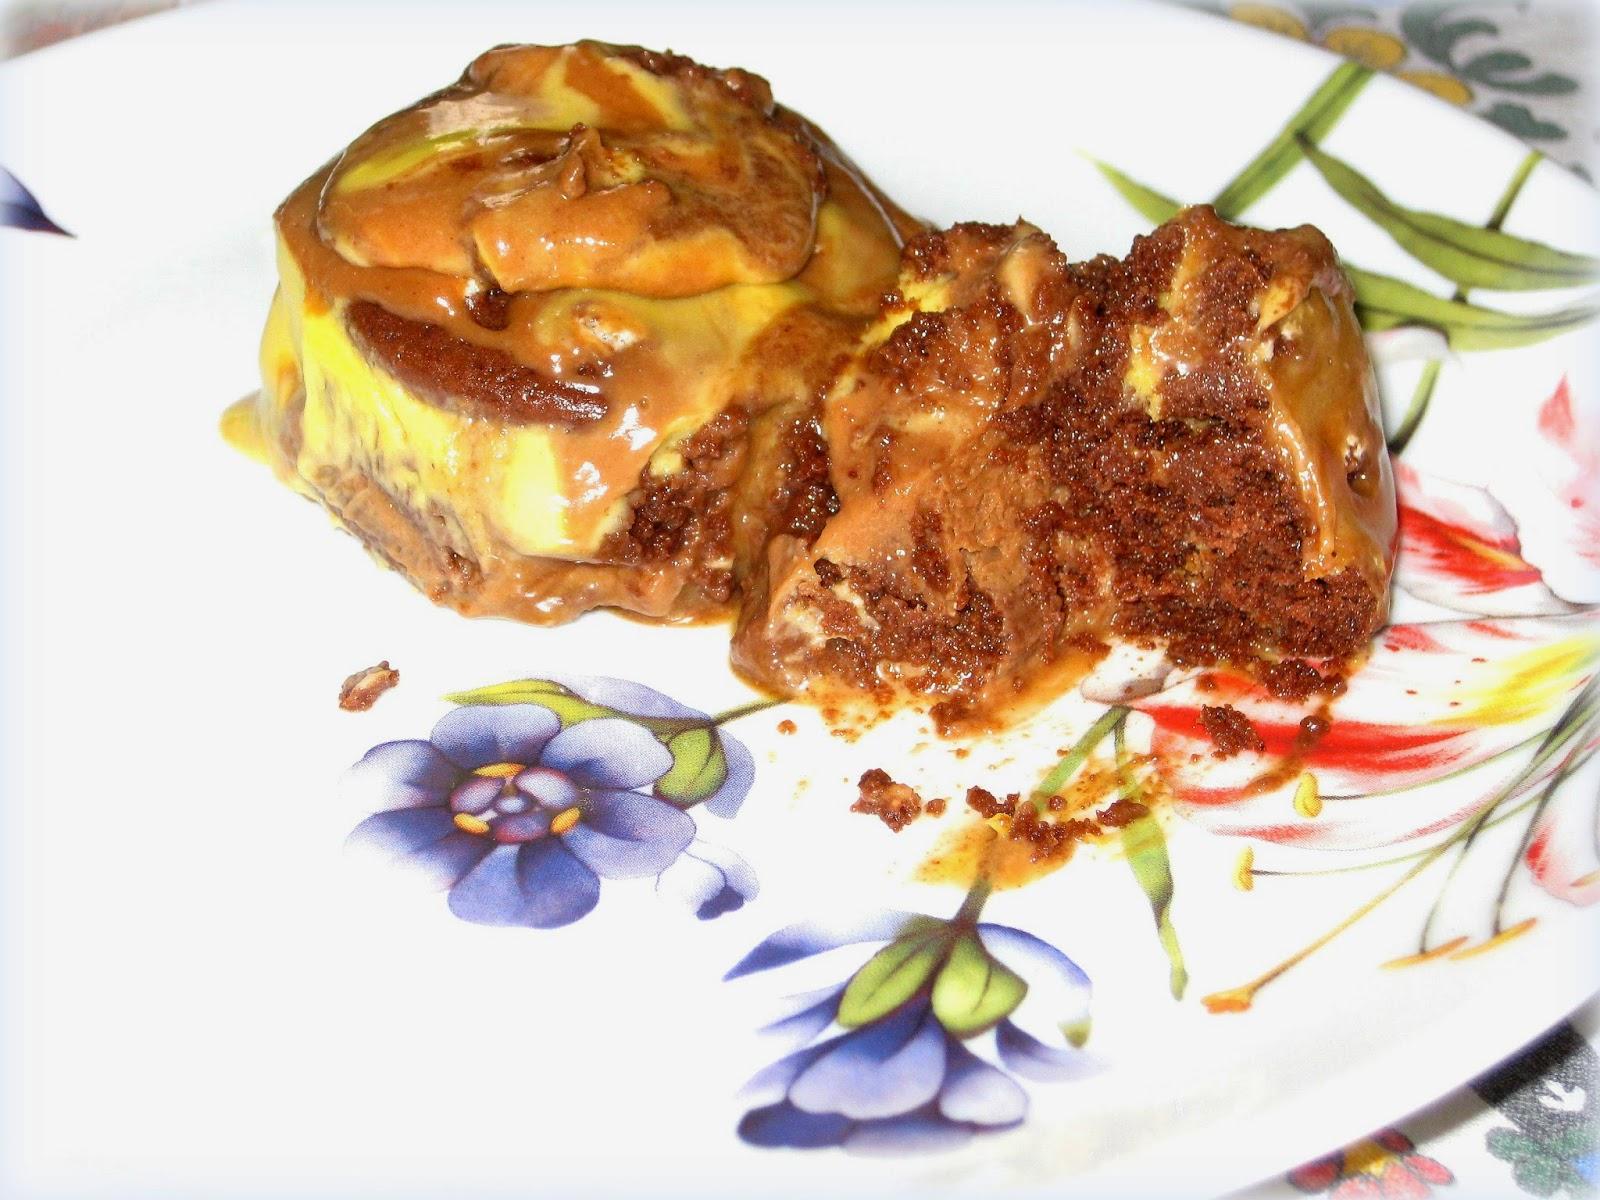 La ricetta classica del tiramisù rivisitata con l'utilizzo di biscotti pan di stelle. Una ricetta super golosa!